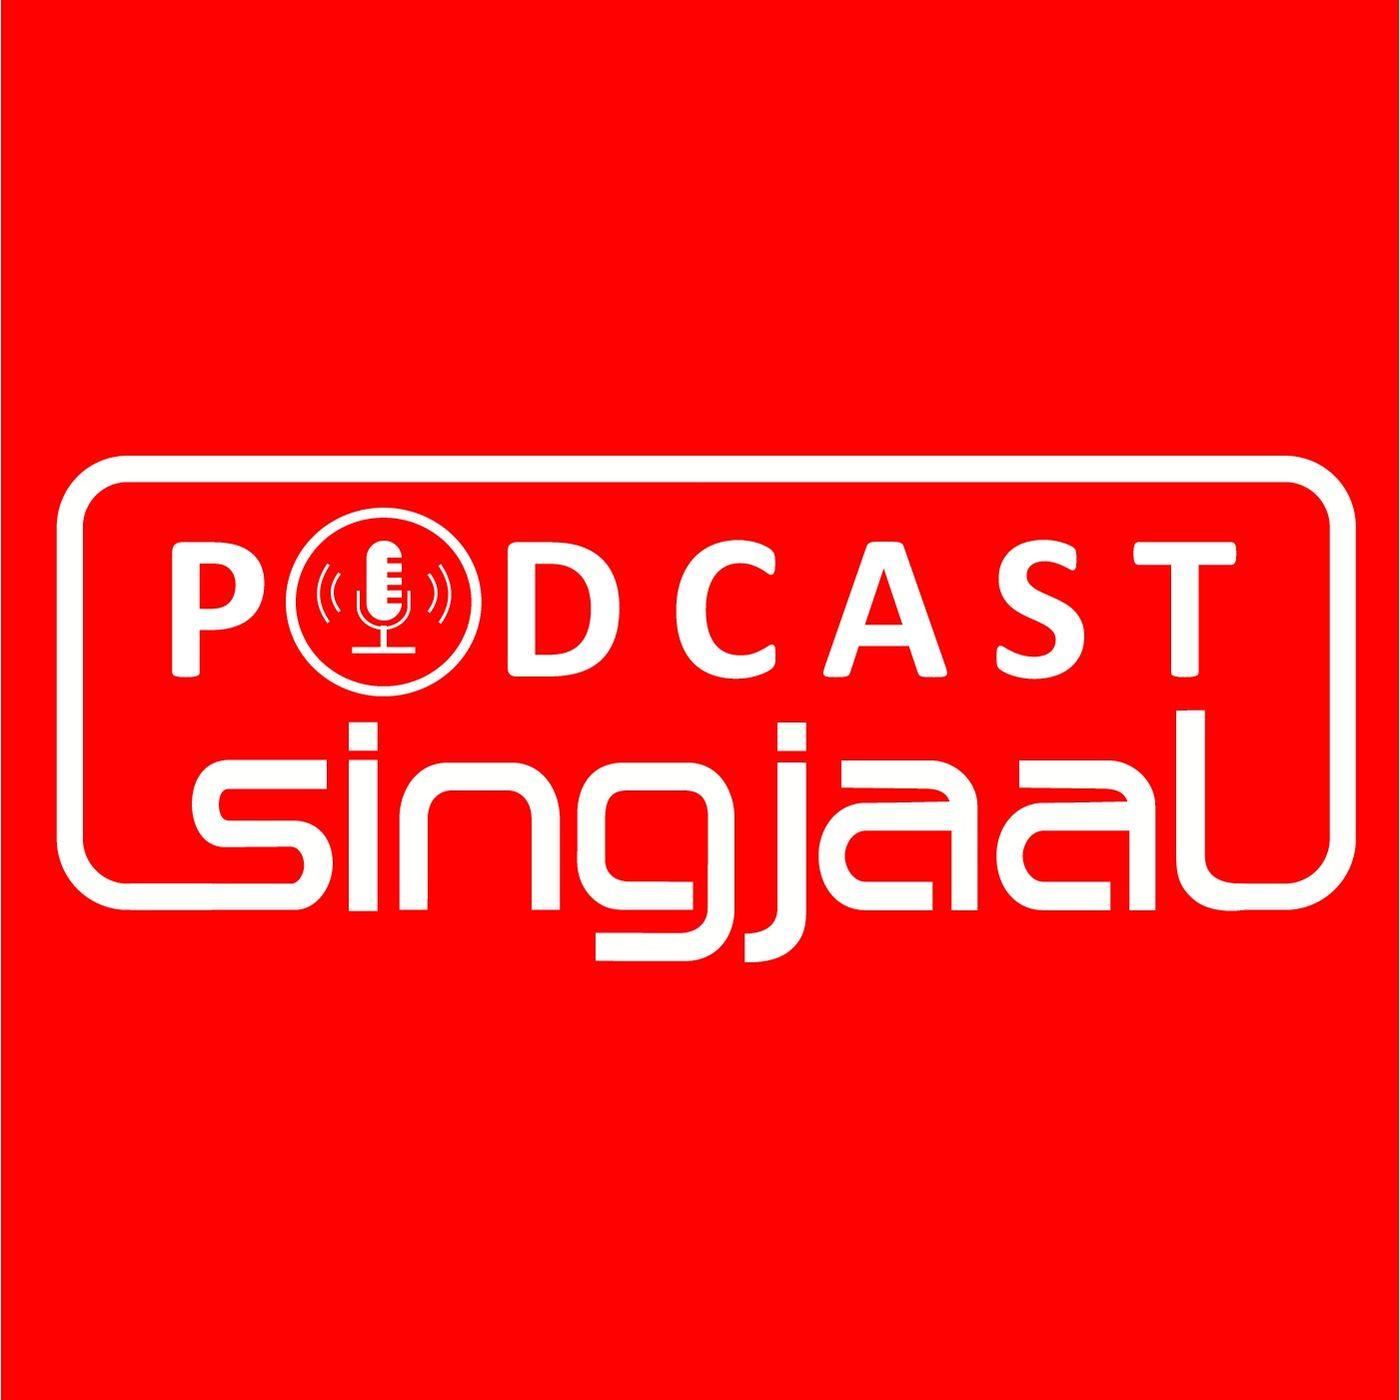 Radio Singjaal Podcast logo